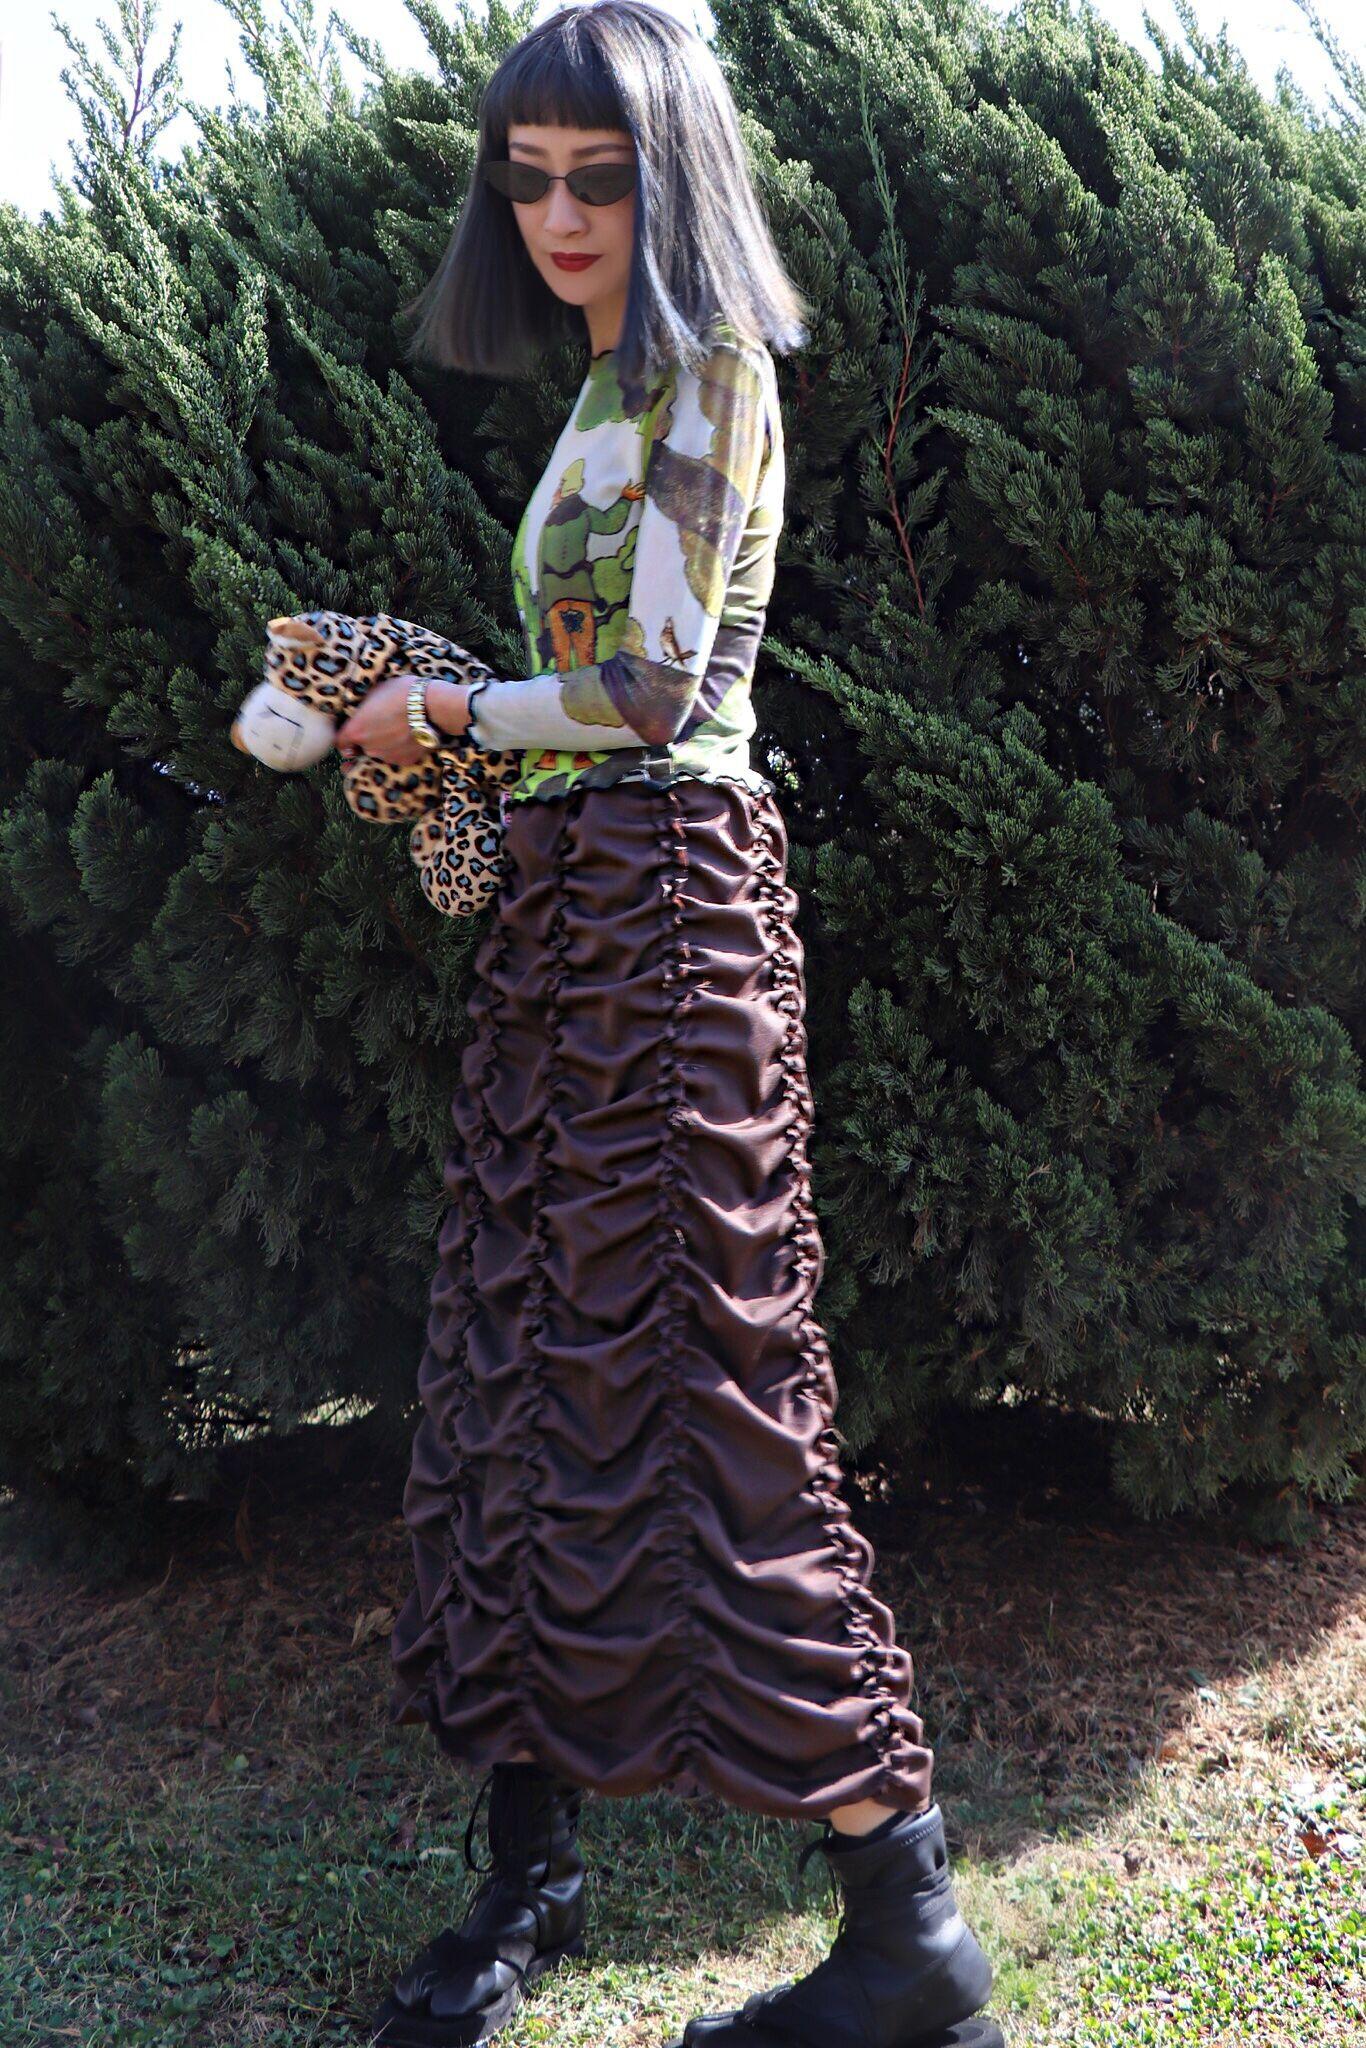 Zhaojinyuan original minority retro Yamamoto pleated skirt puffy high waist dark thin versatile skirt spring and summer